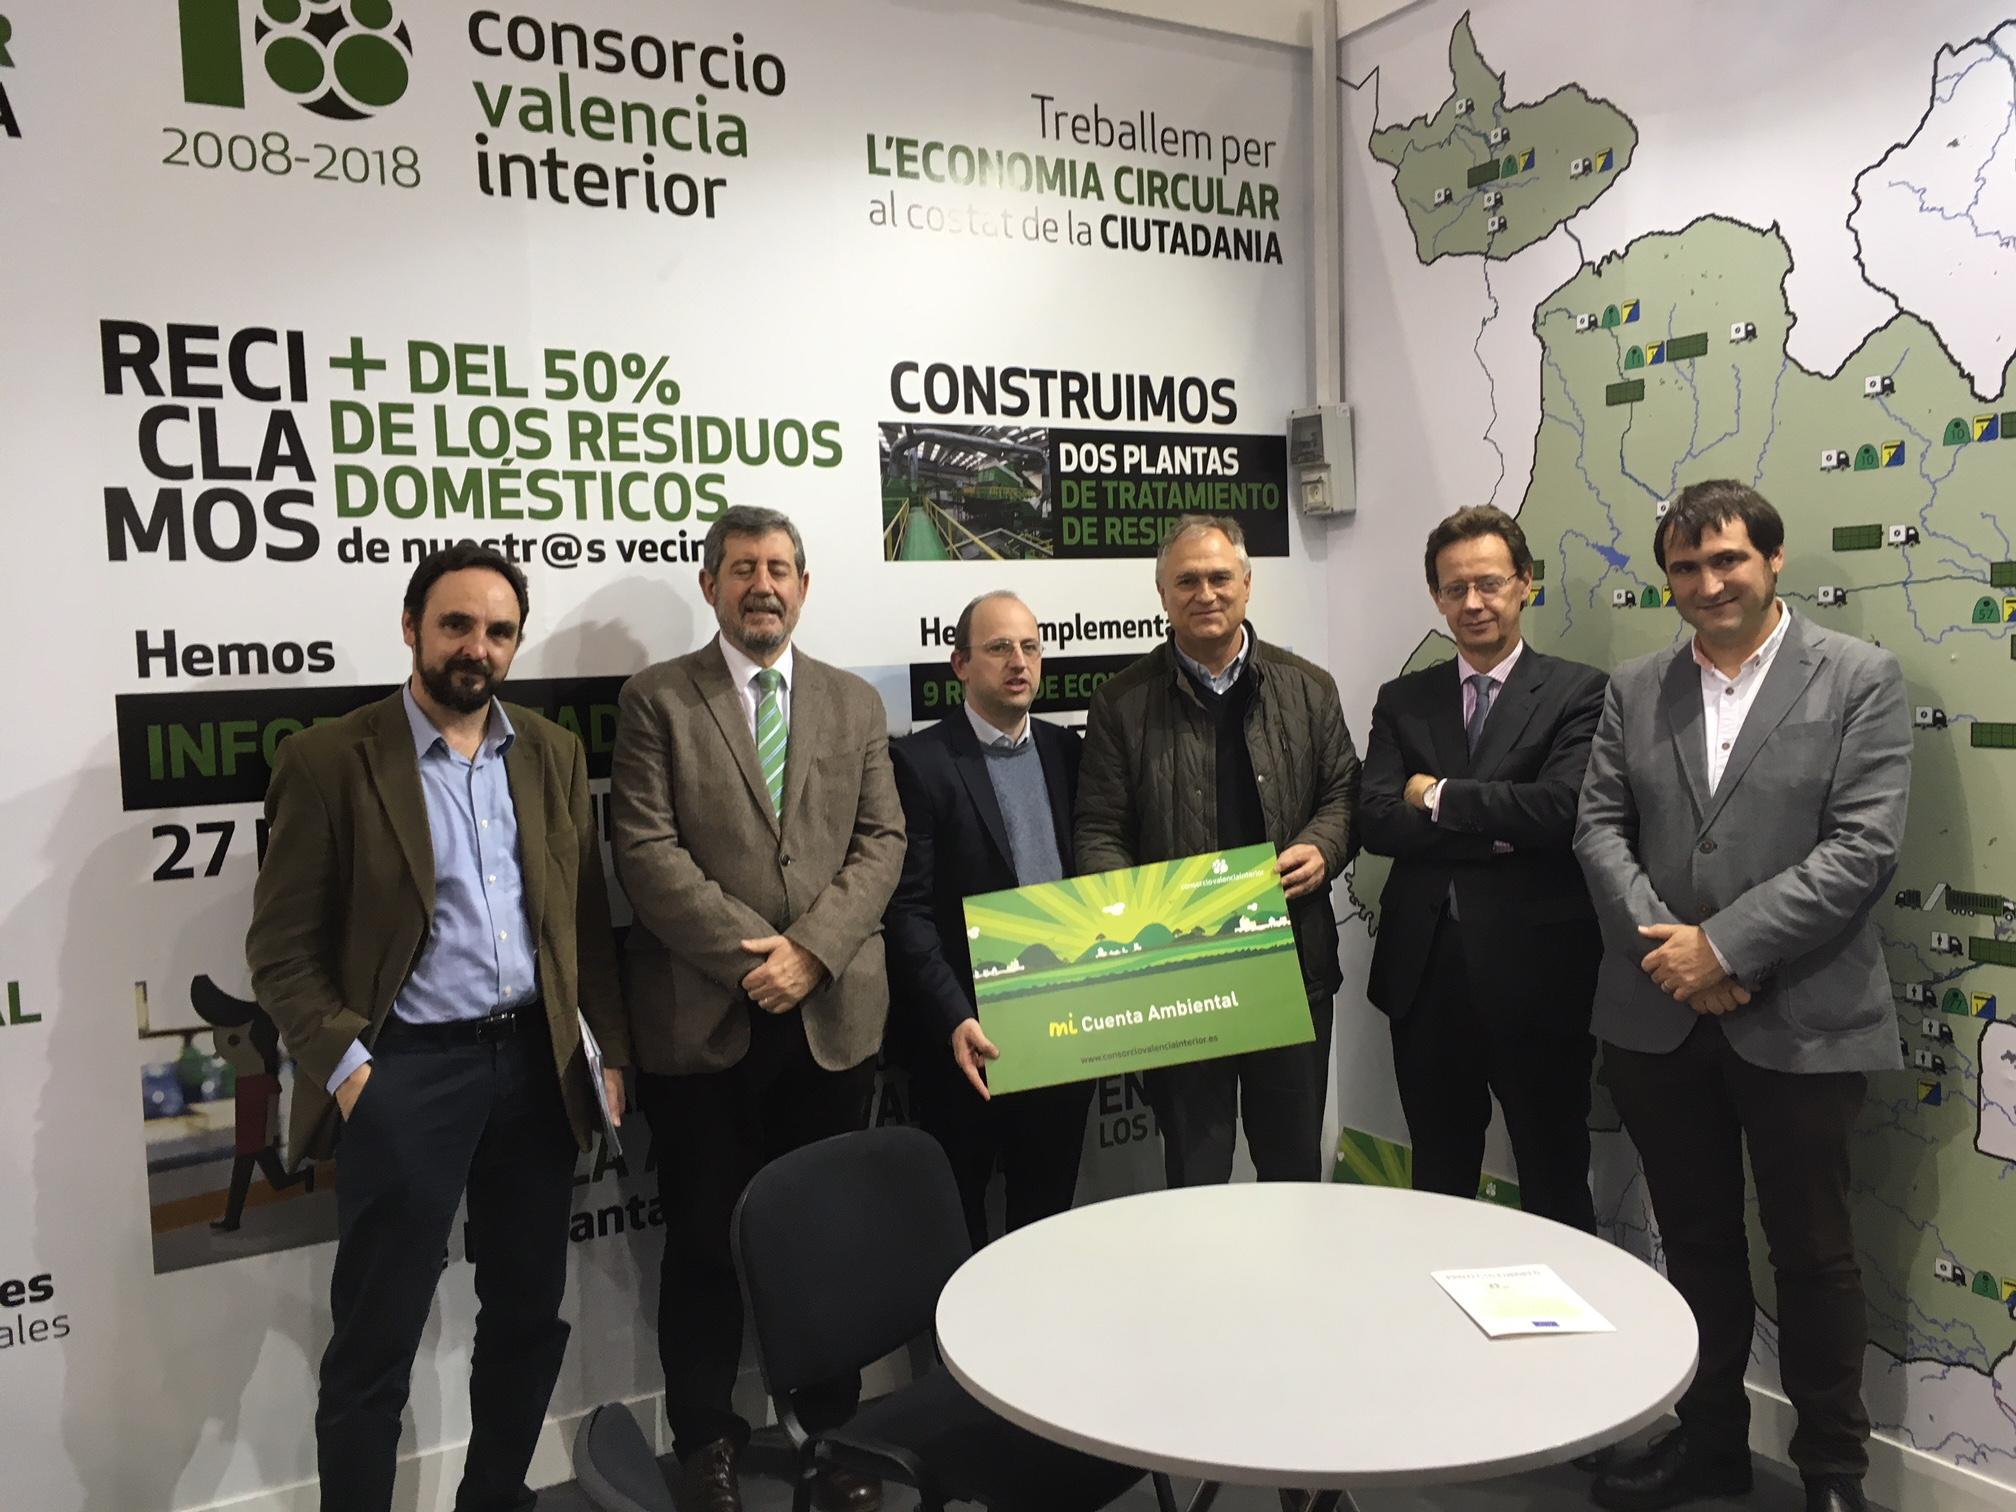 El CVI cumple una década en 2018 y hace balance de lo conseguido durante estos años en la Feria Internacional de Soluciones Ambientales.